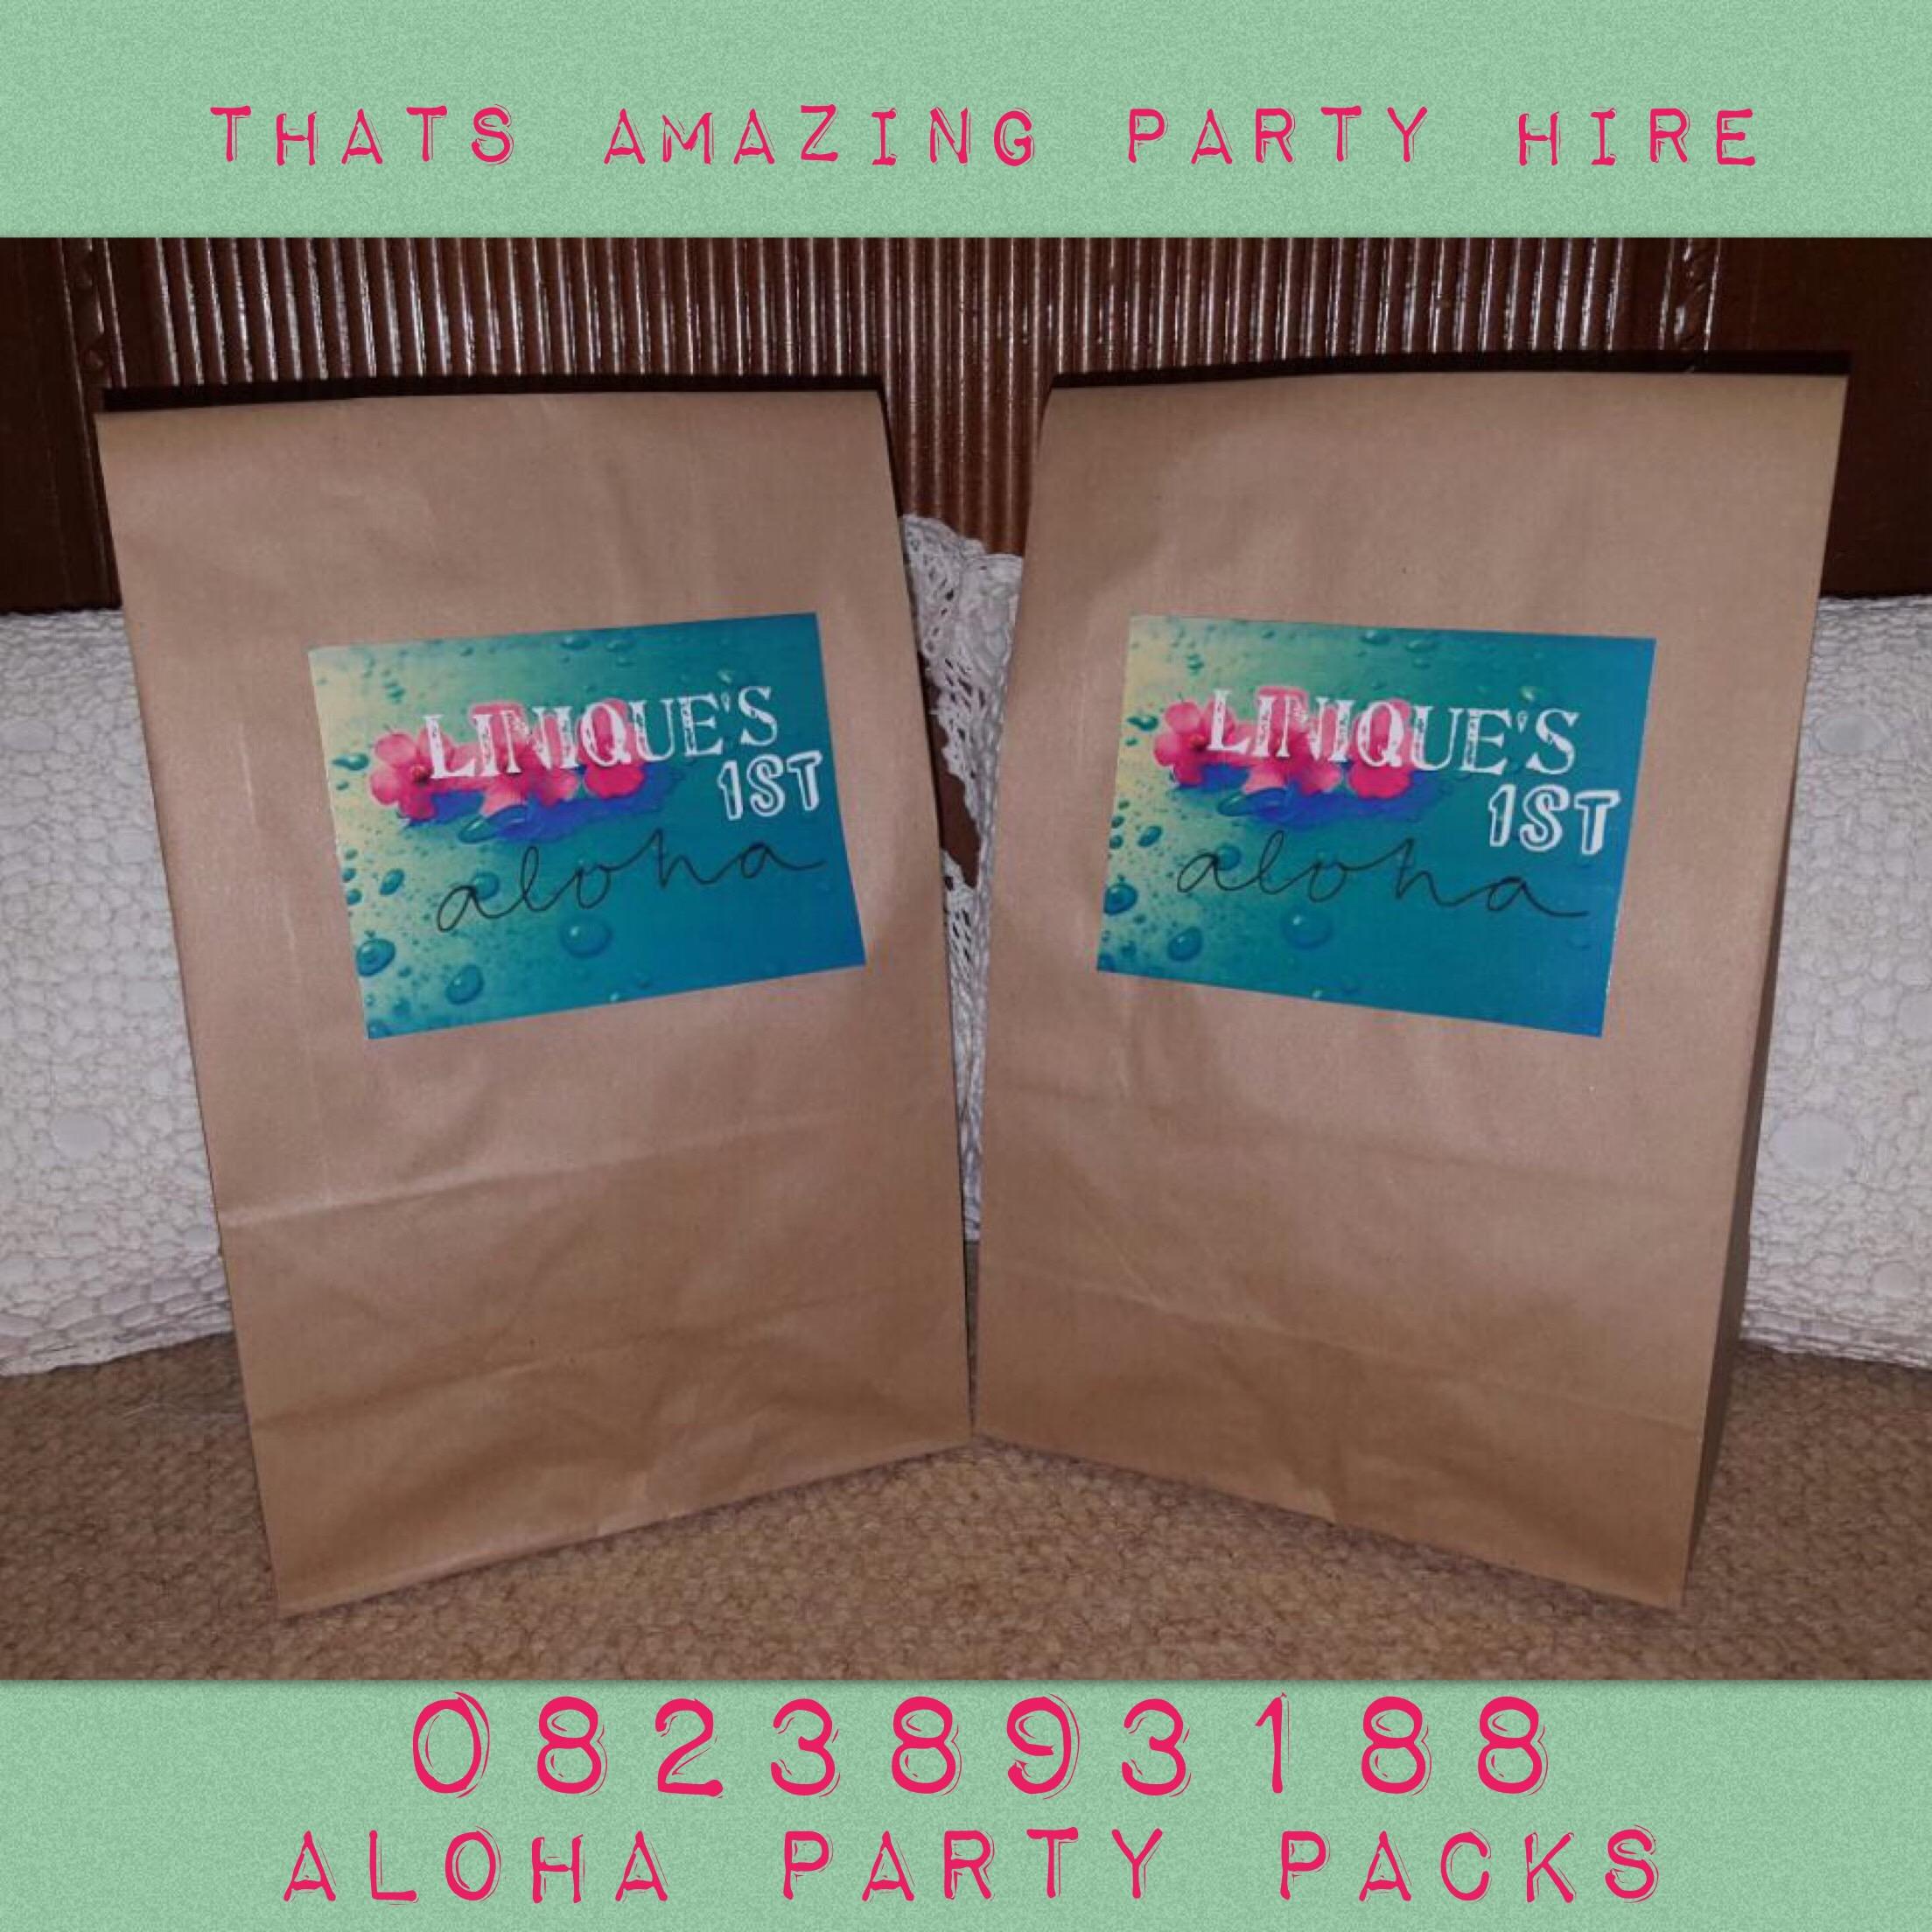 Aloha Party Packs